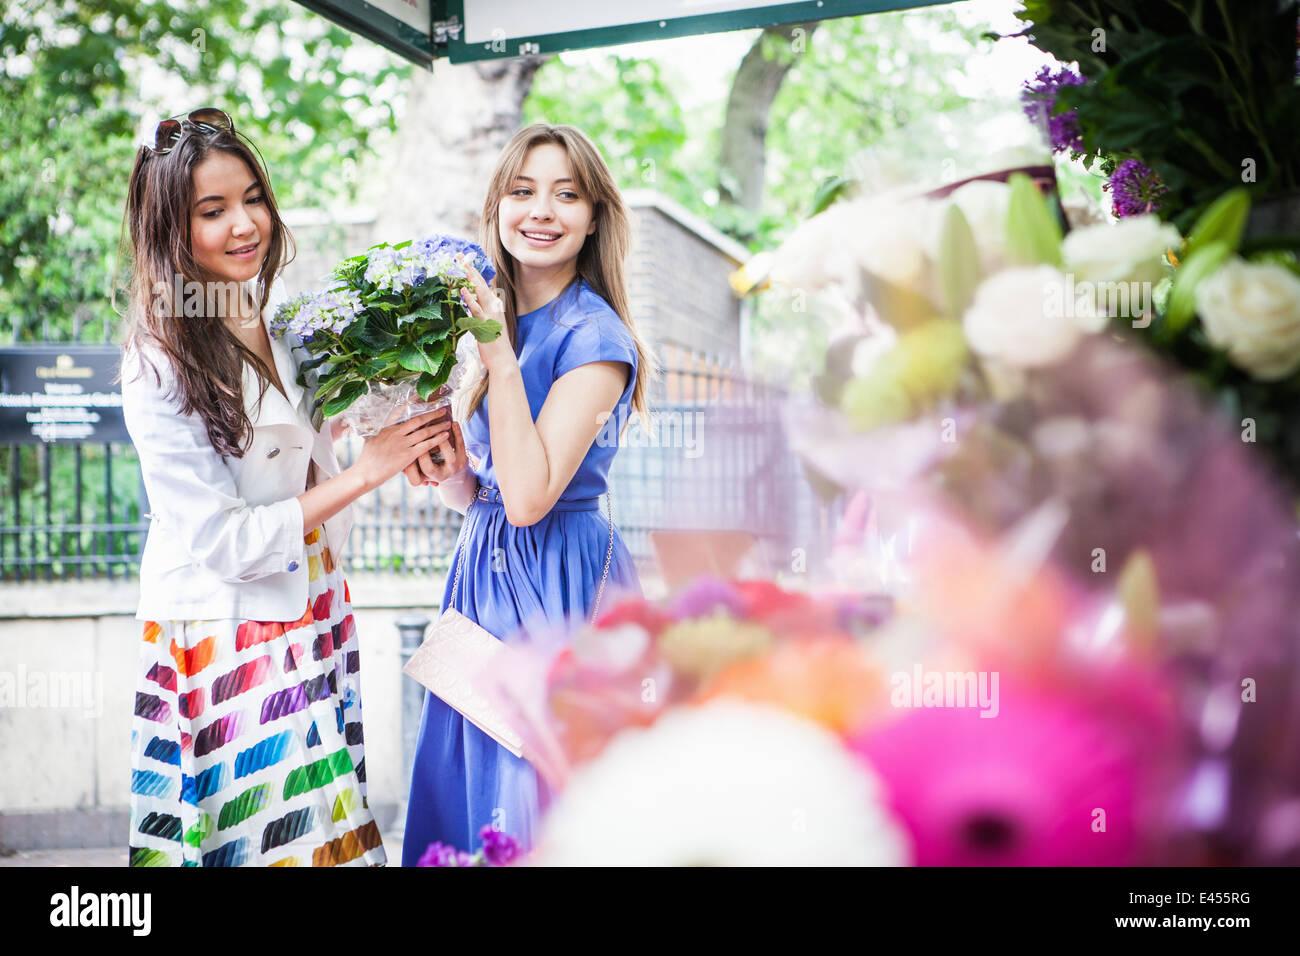 Zwei junge Frauen, die Abholung Topfpflanze Stockbild